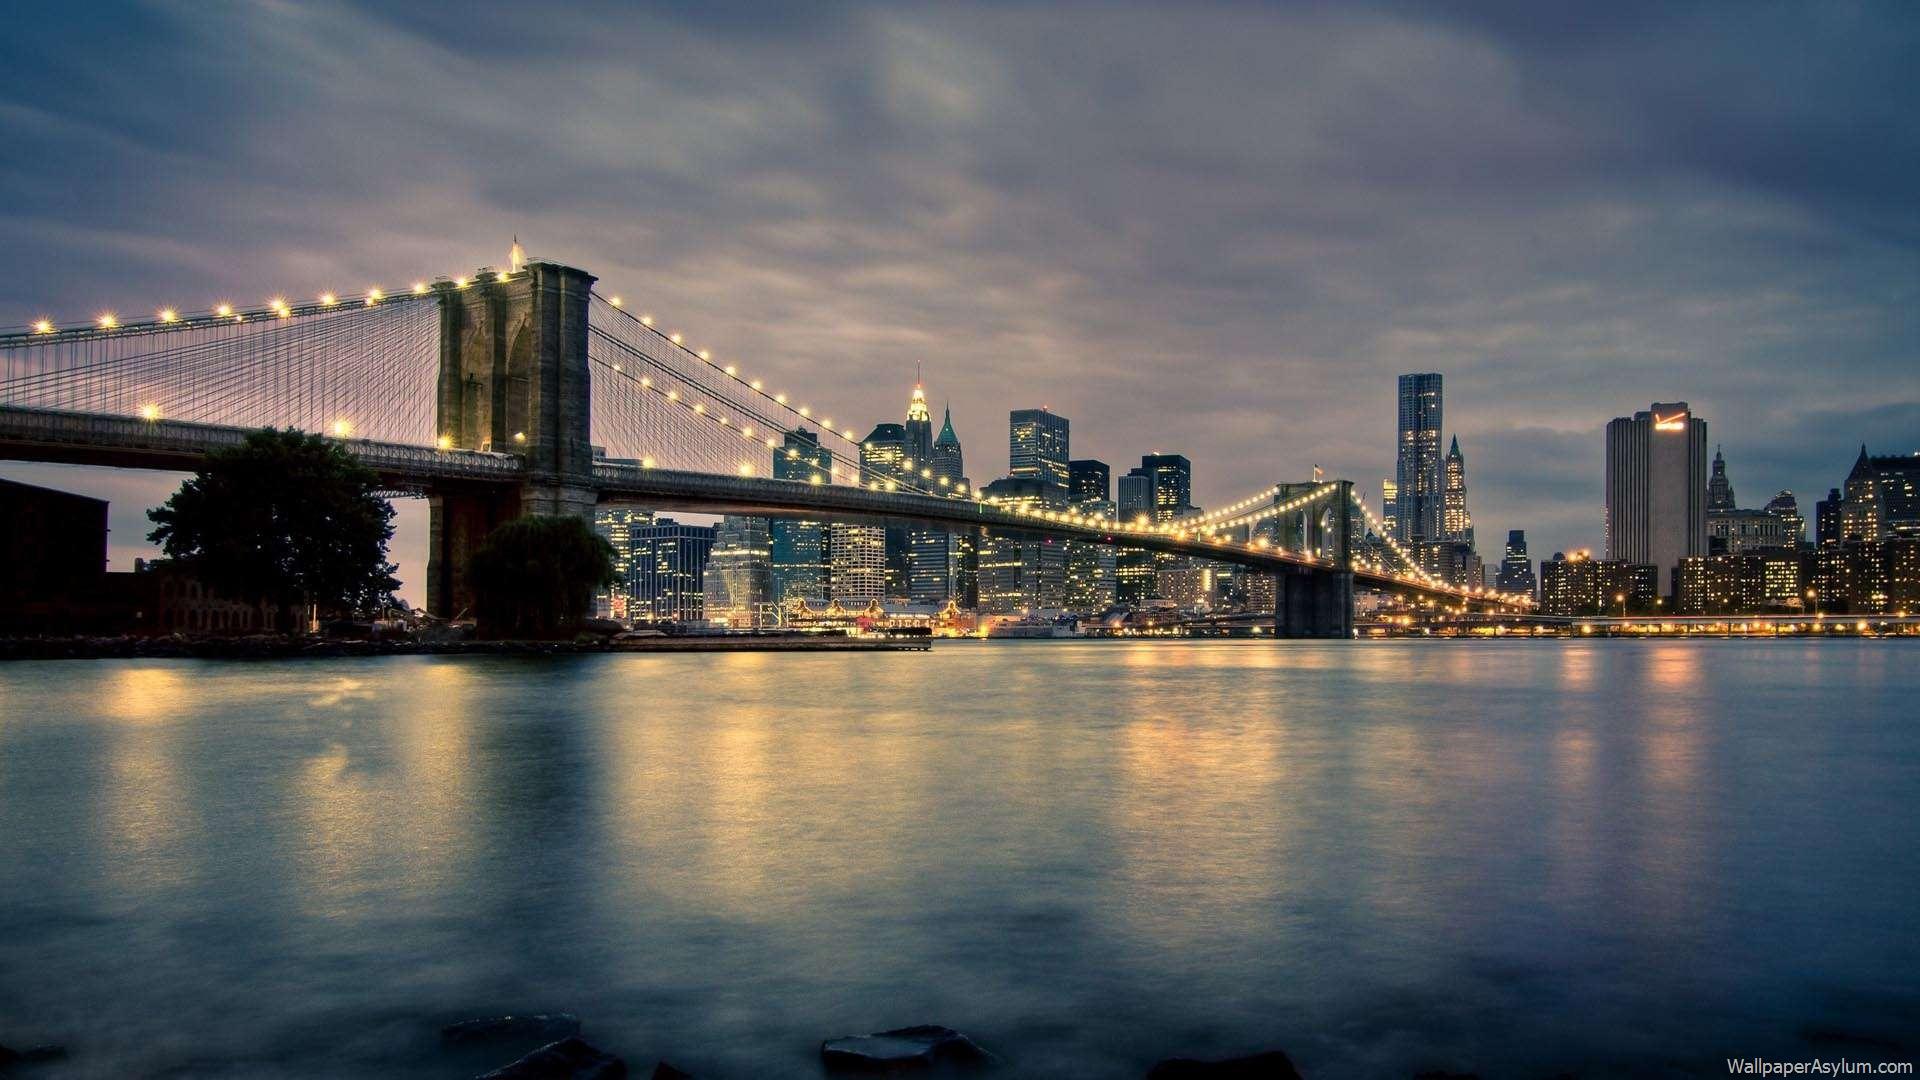 Brooklyn Wallpaper